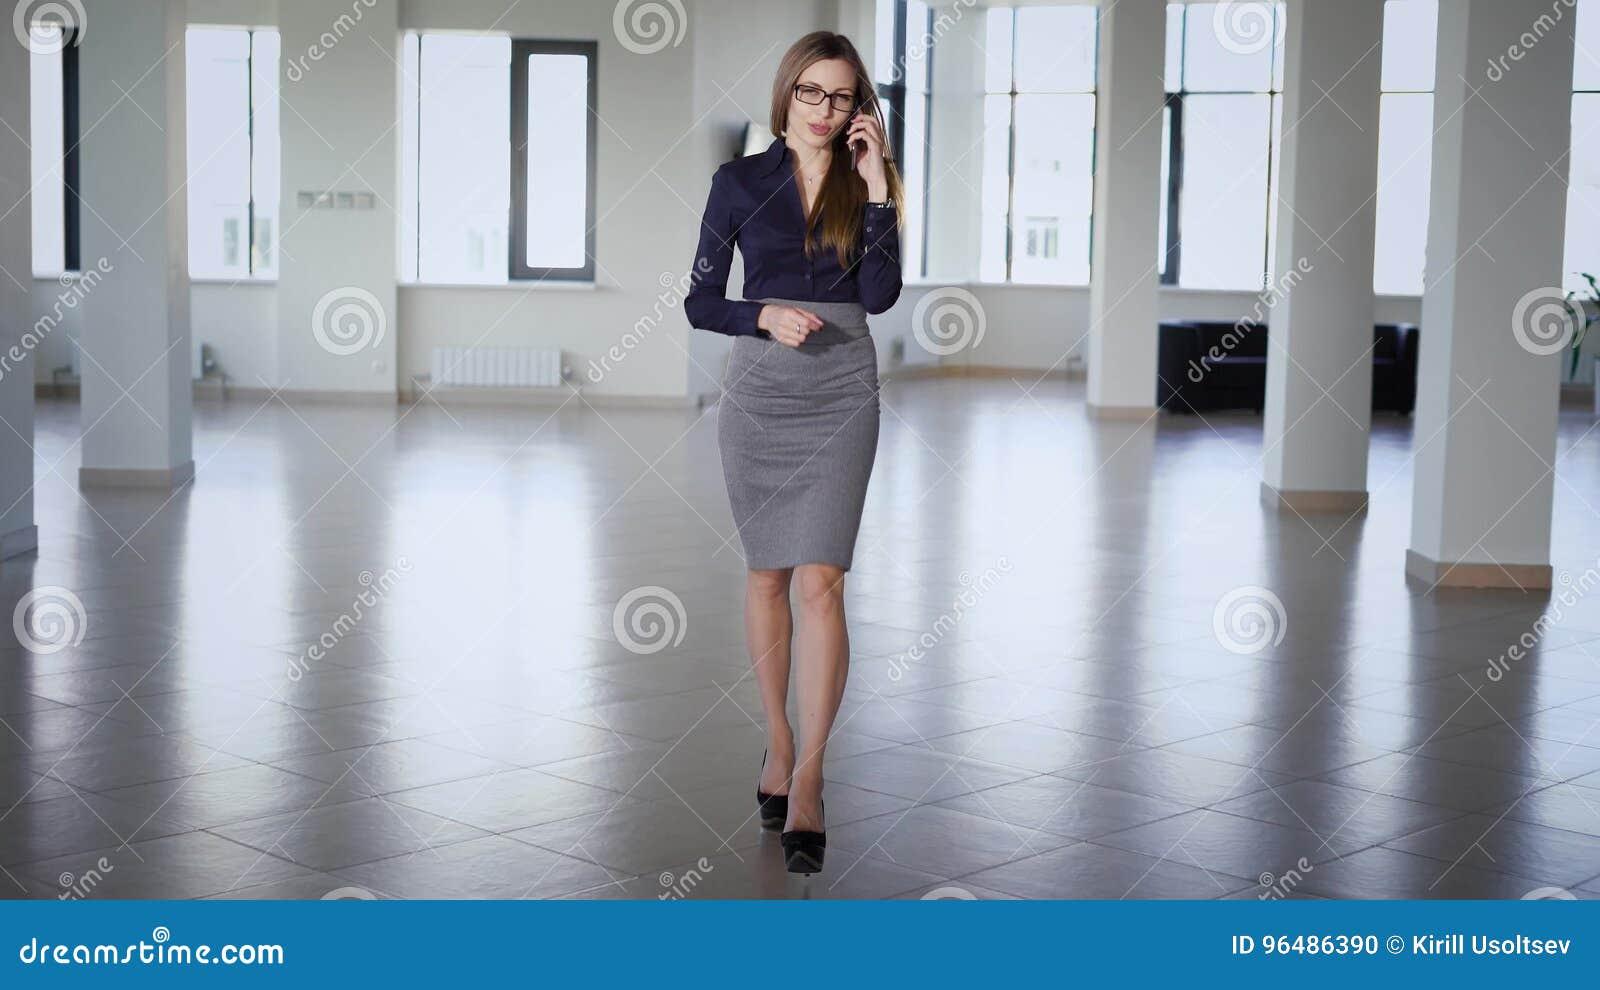 a523cc00b La mujer de negocios de pelo largo hermosa vestida en blusa azul, falda  gris y zapatos de tacón alto está caminando en la oficina.